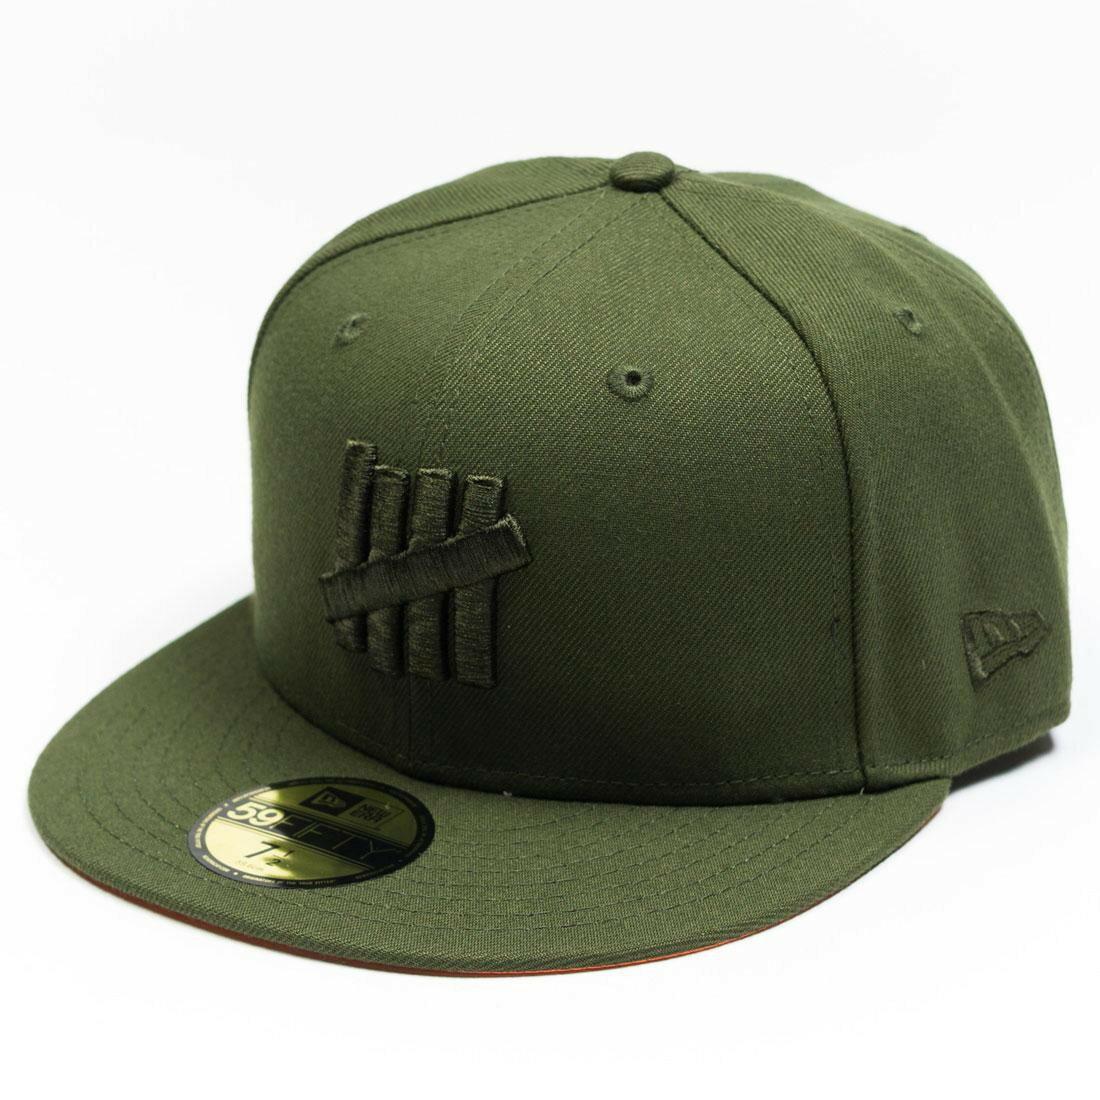 メンズ帽子, キャップ  UNDEFEATED X NEW ERA EJECT FITTED CAP GREEN OLIVE